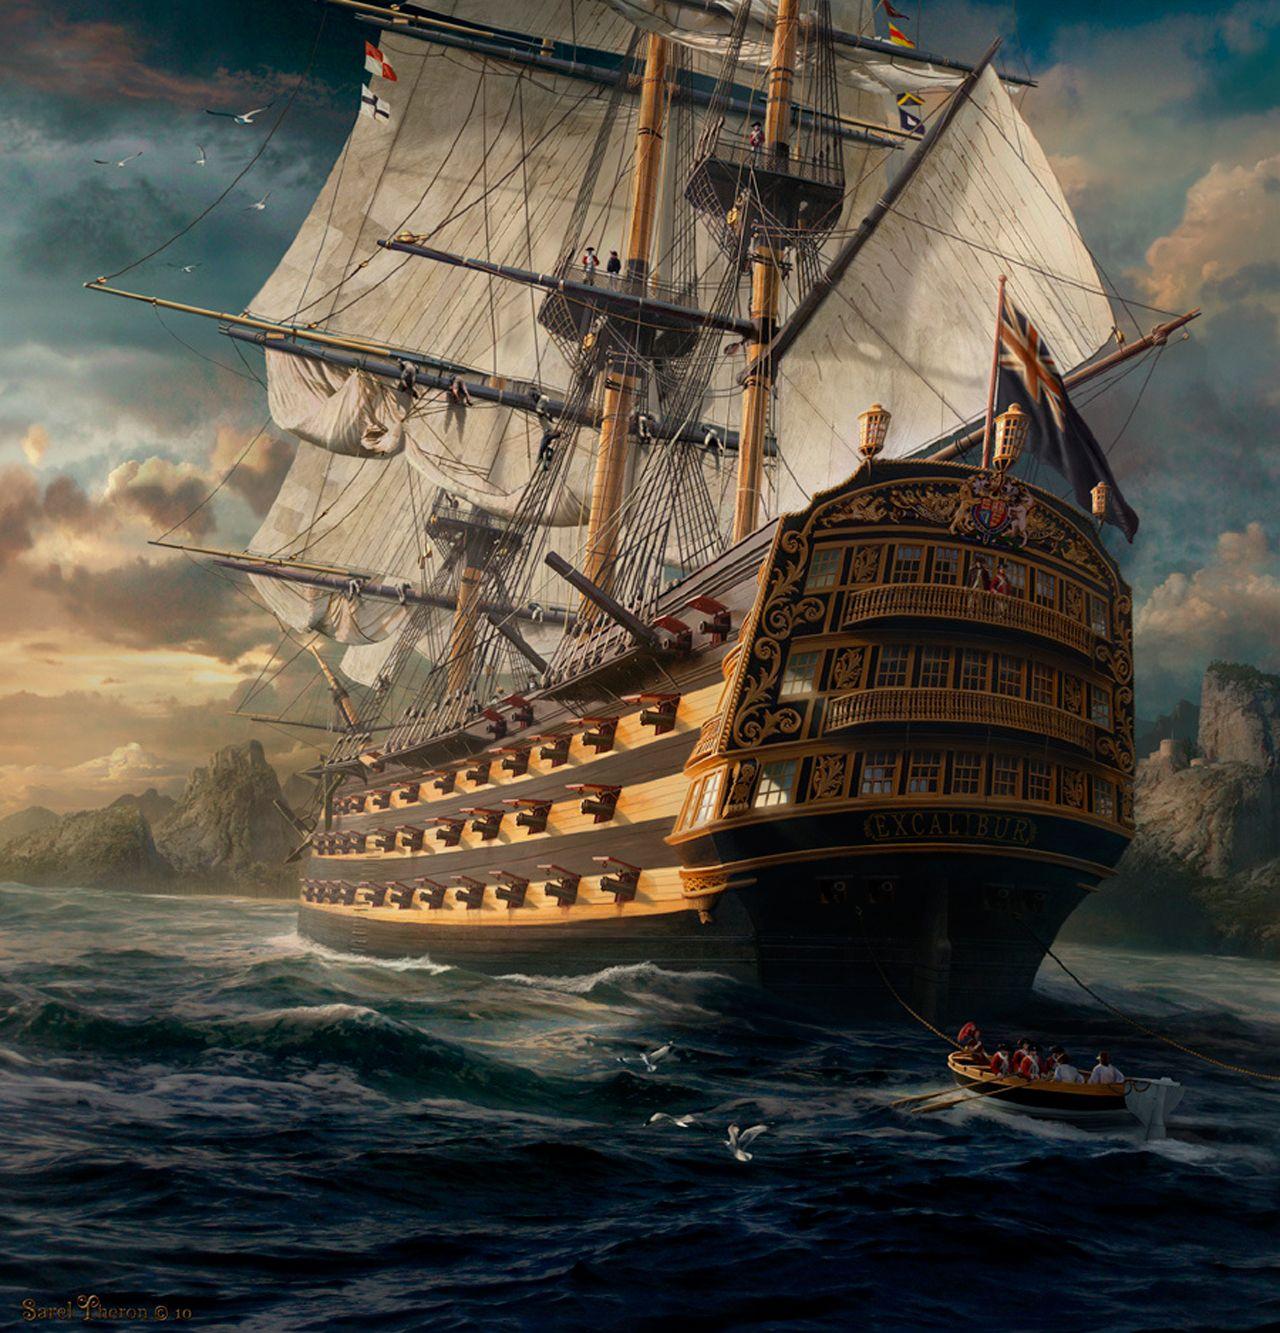 пиратский корабль фото высокое разрешение что форма сердца